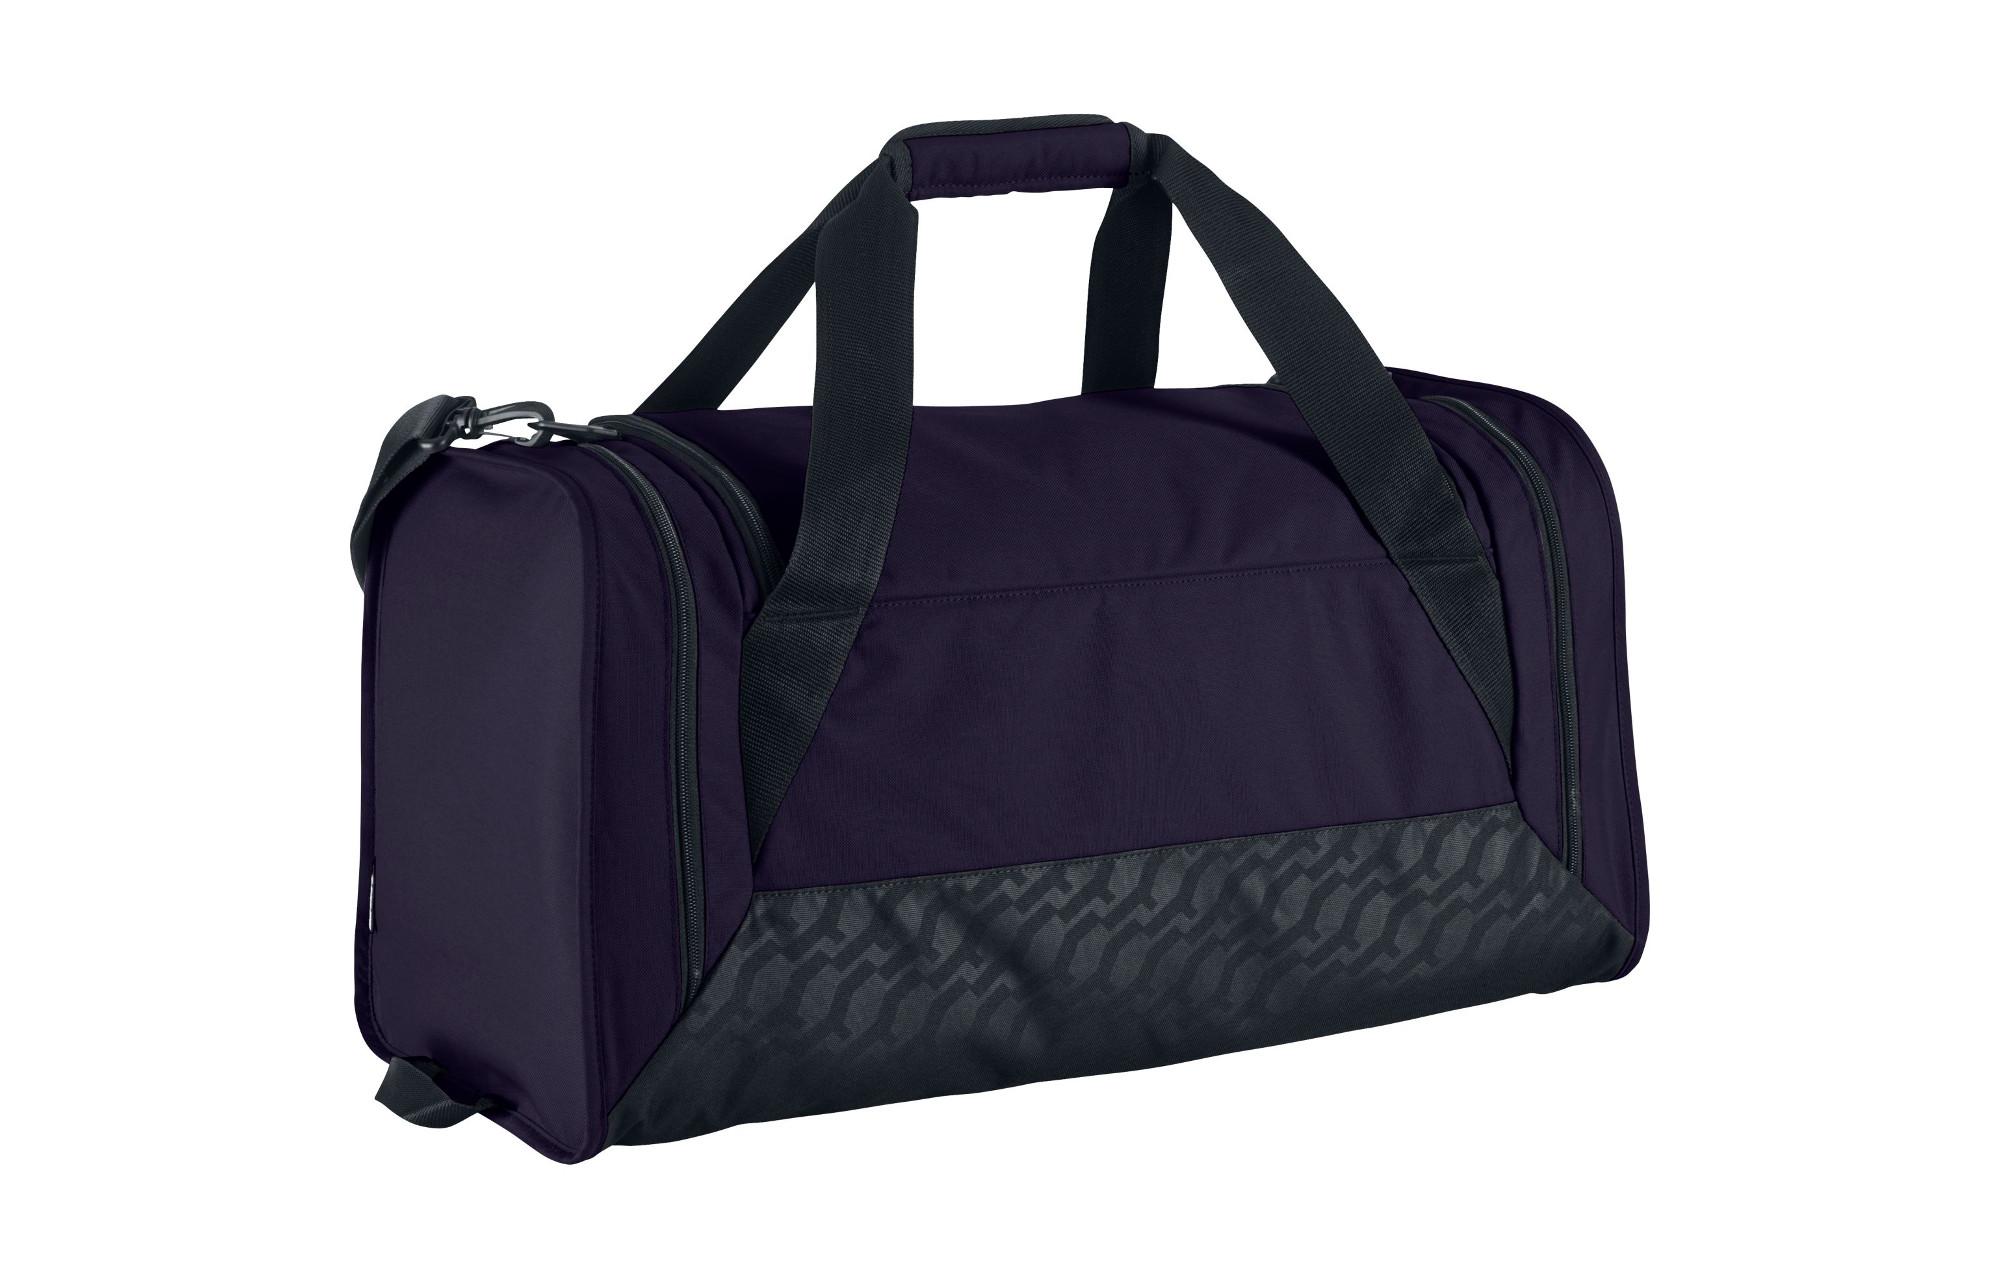 nike sac de sport brasilia 6 duffel violet 45l. Black Bedroom Furniture Sets. Home Design Ideas